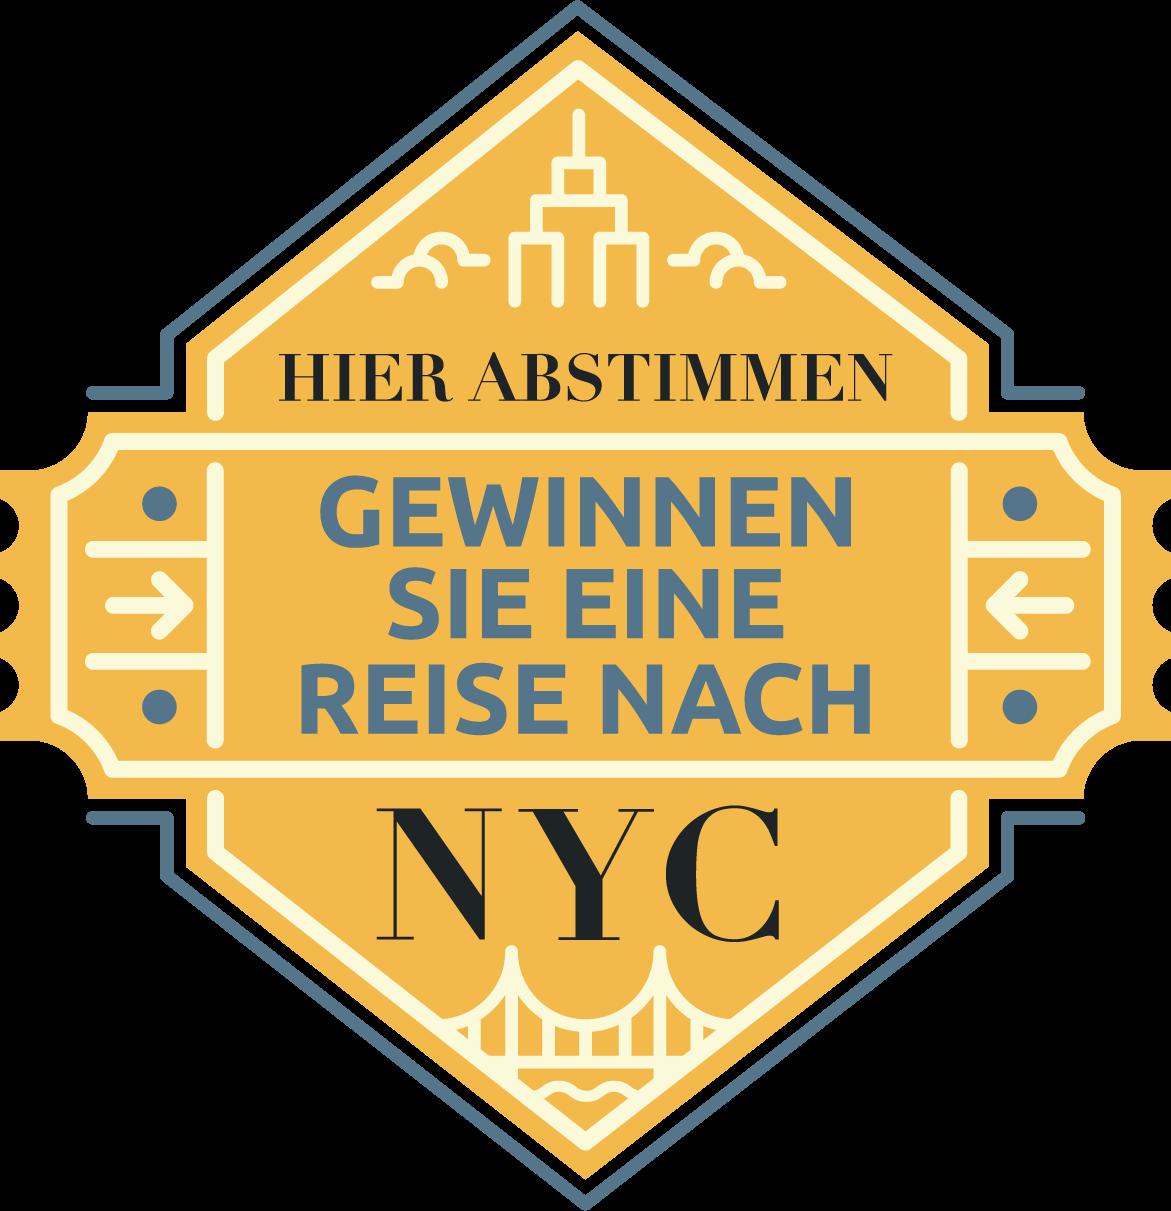 Gewinnen Sie eine Reise Nach NYC